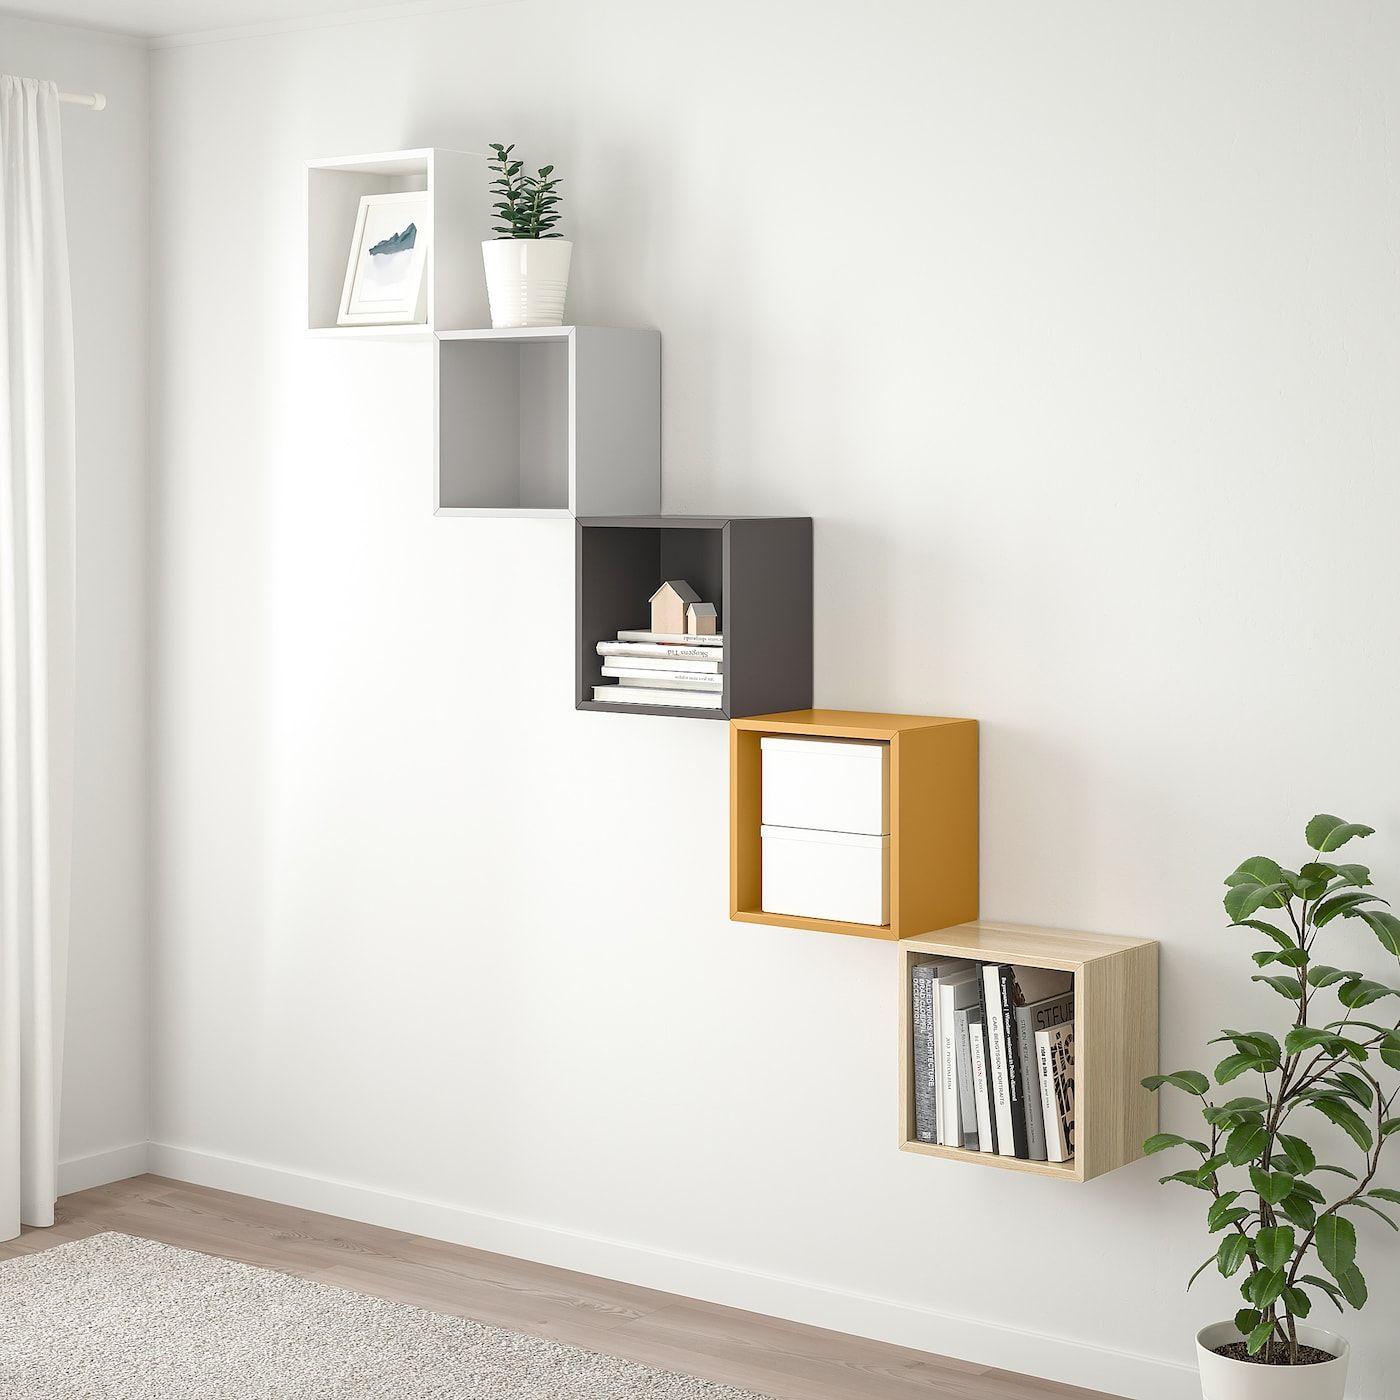 Eket Rangement Mural Multicolore 1 Site Web Officiel Ikea Eket Wall Shelves Design Ikea Eket